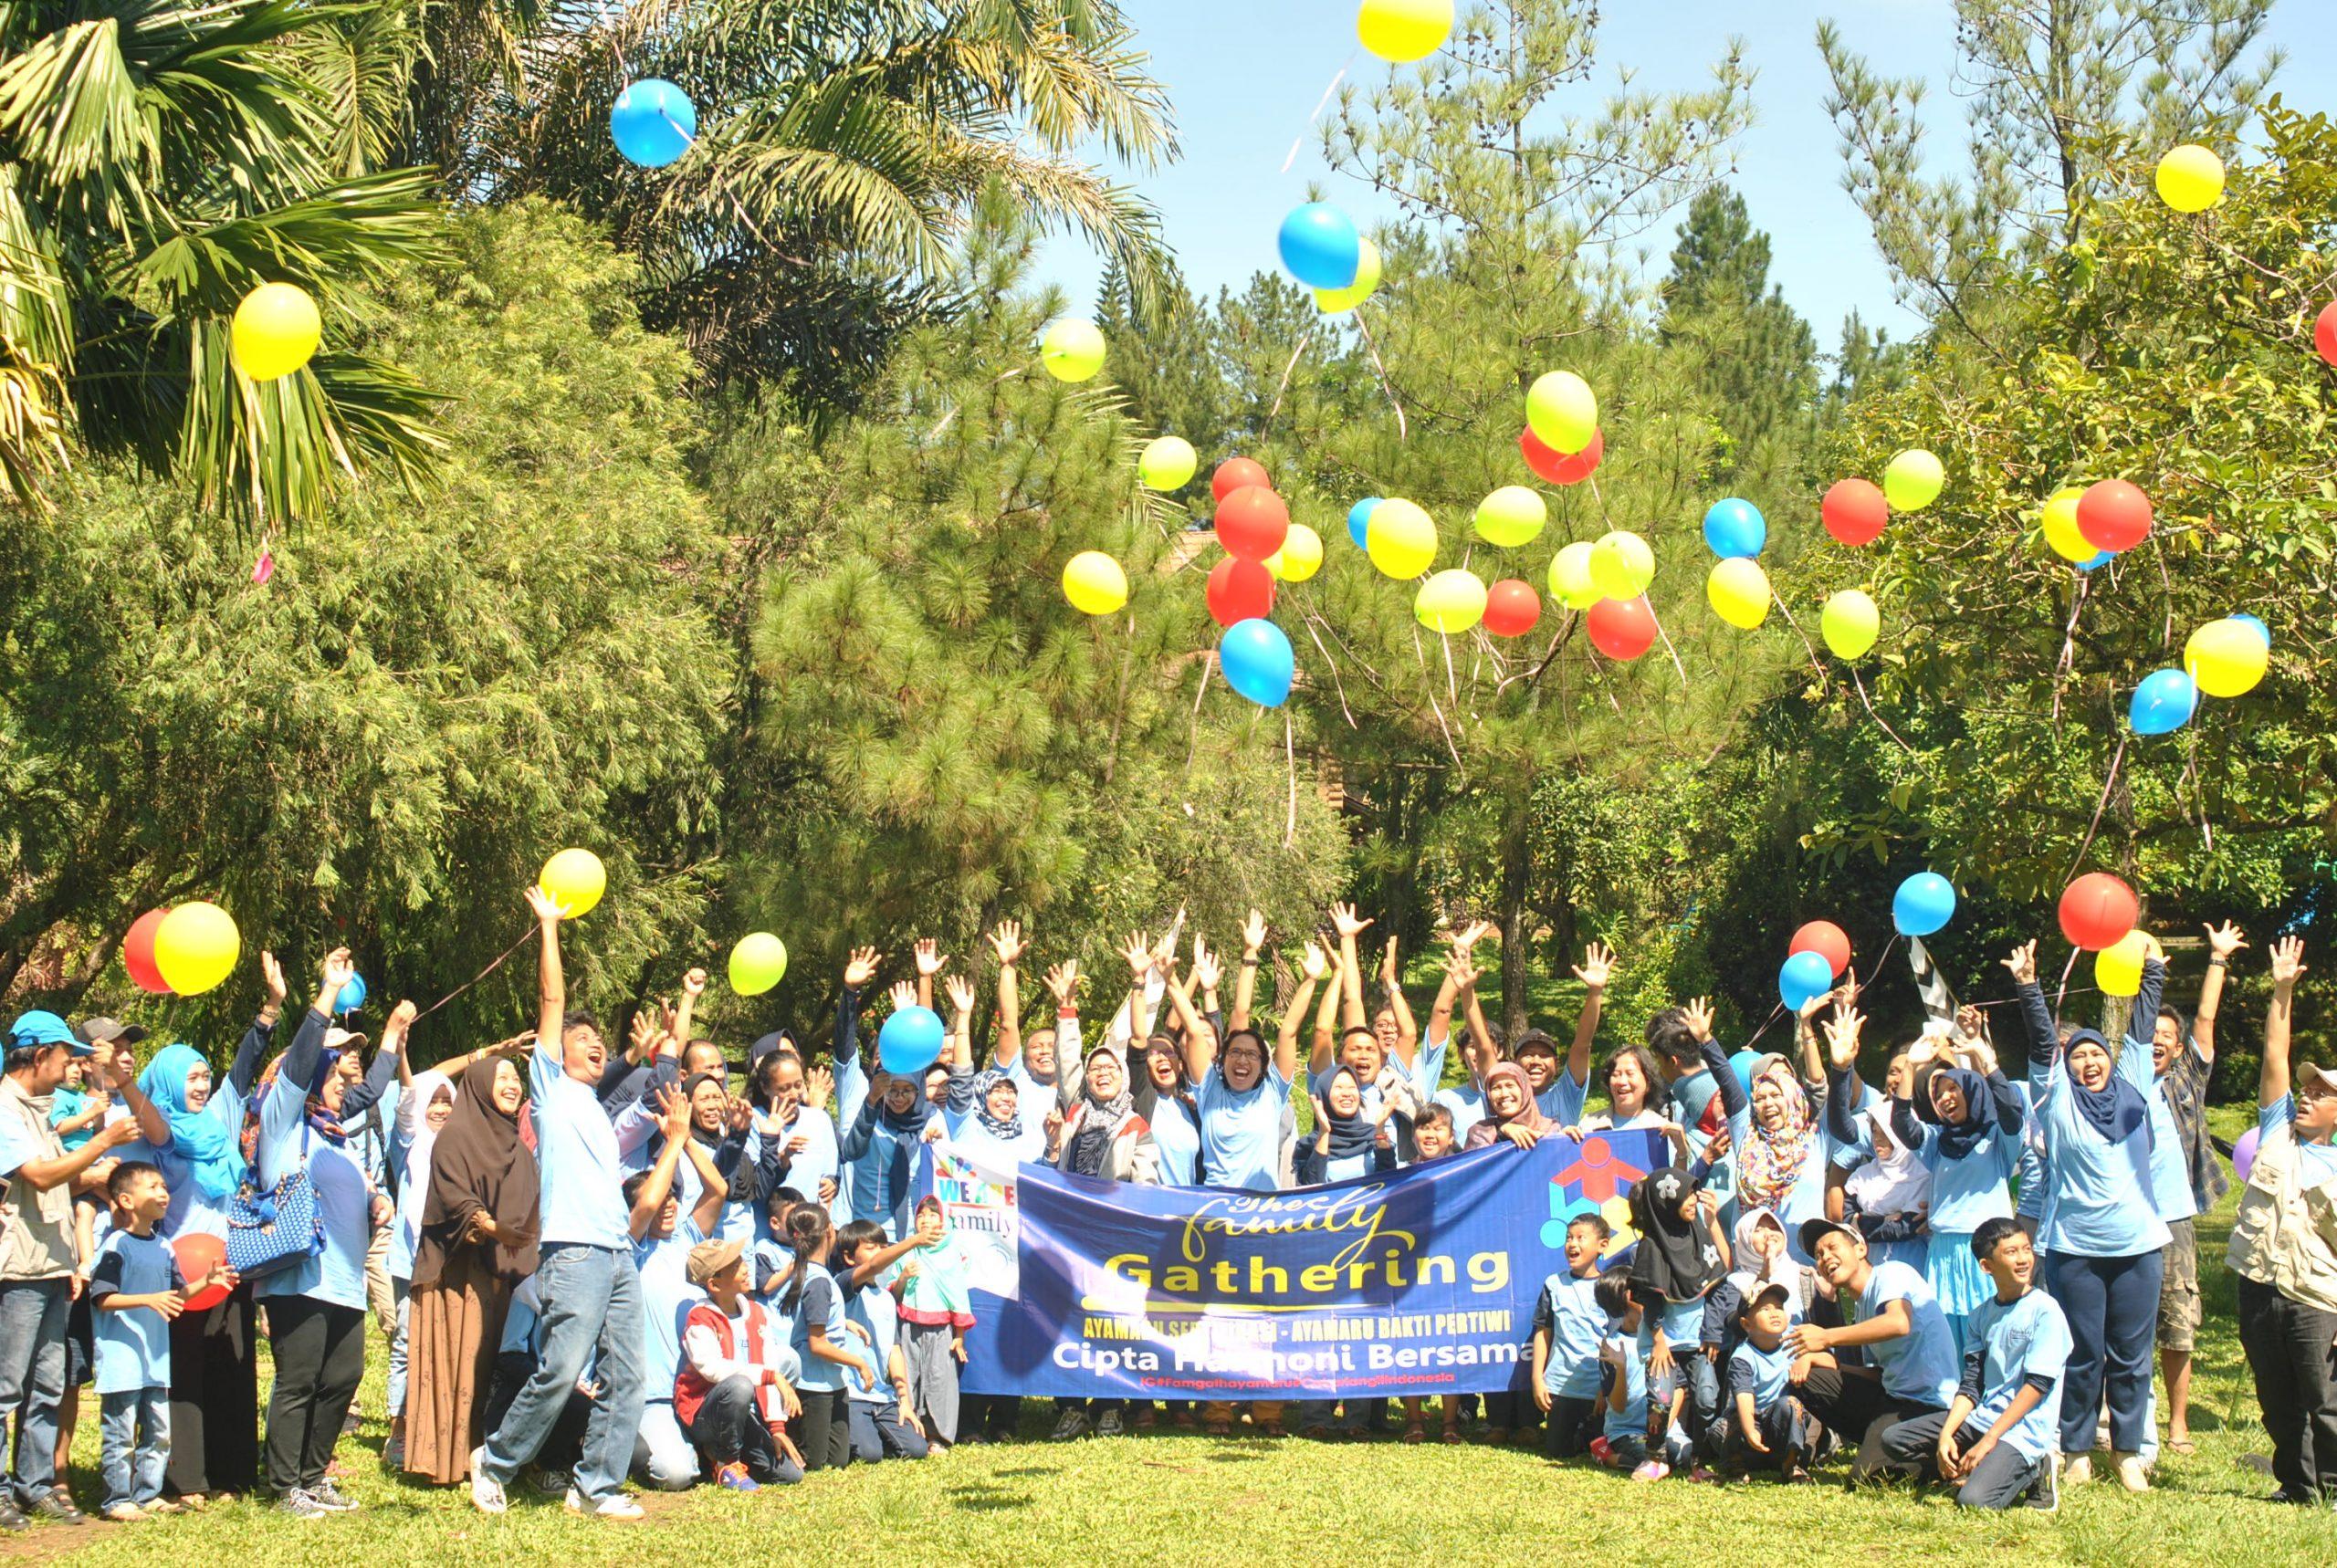 Family Gathering PT Ayamaru Sertifikasi & PT Ayamaru Bakti Pertiwi